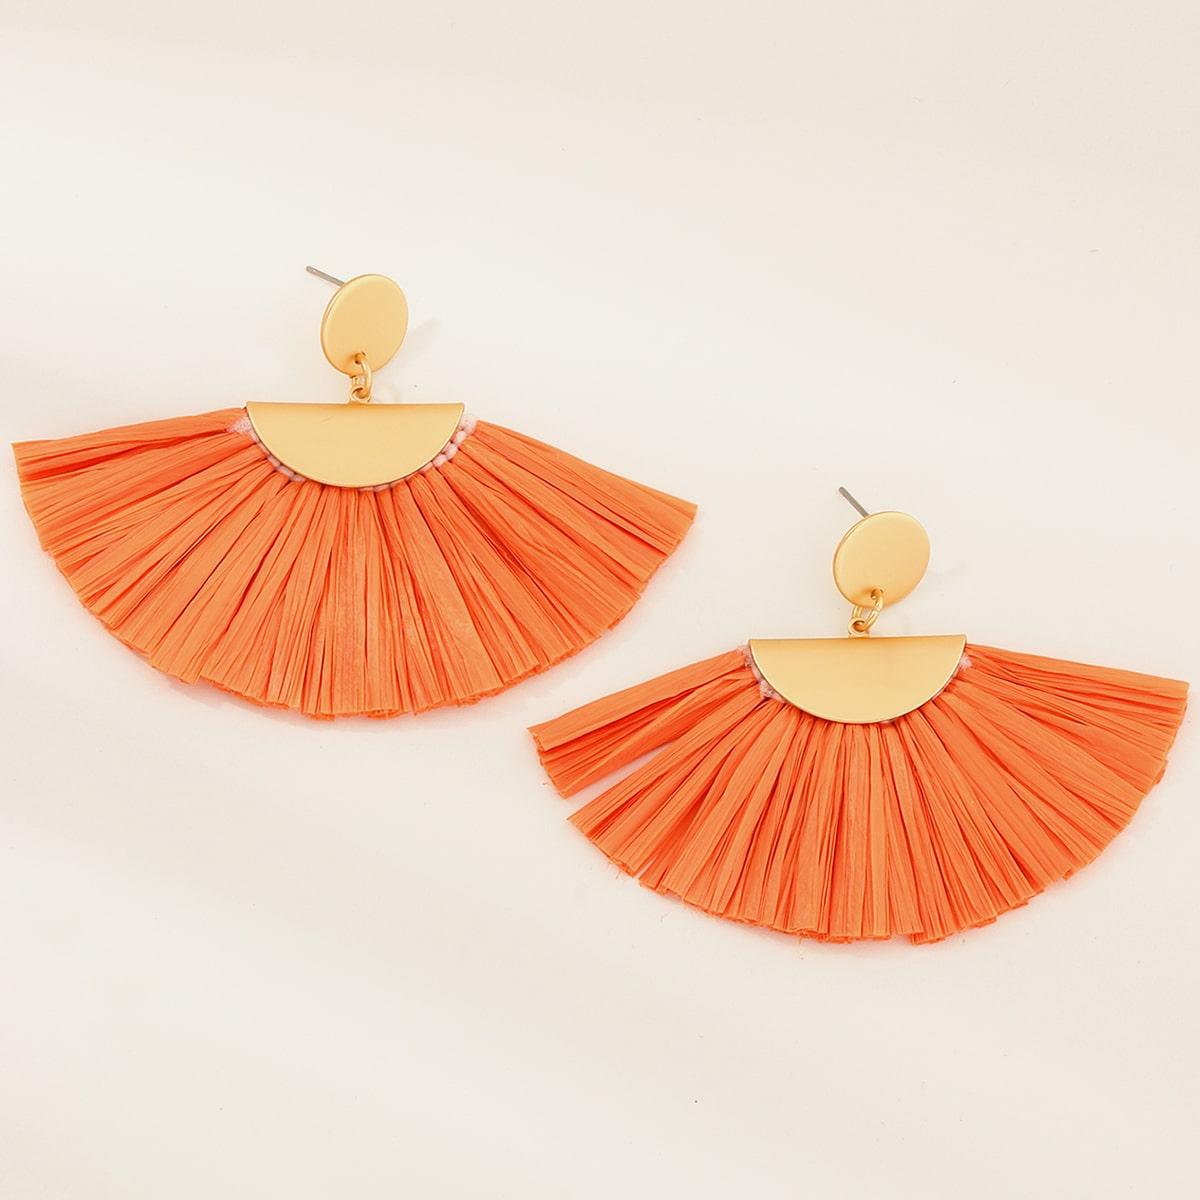 1pair Fan Tassel Drop Earrings, SHEIN  - buy with discount